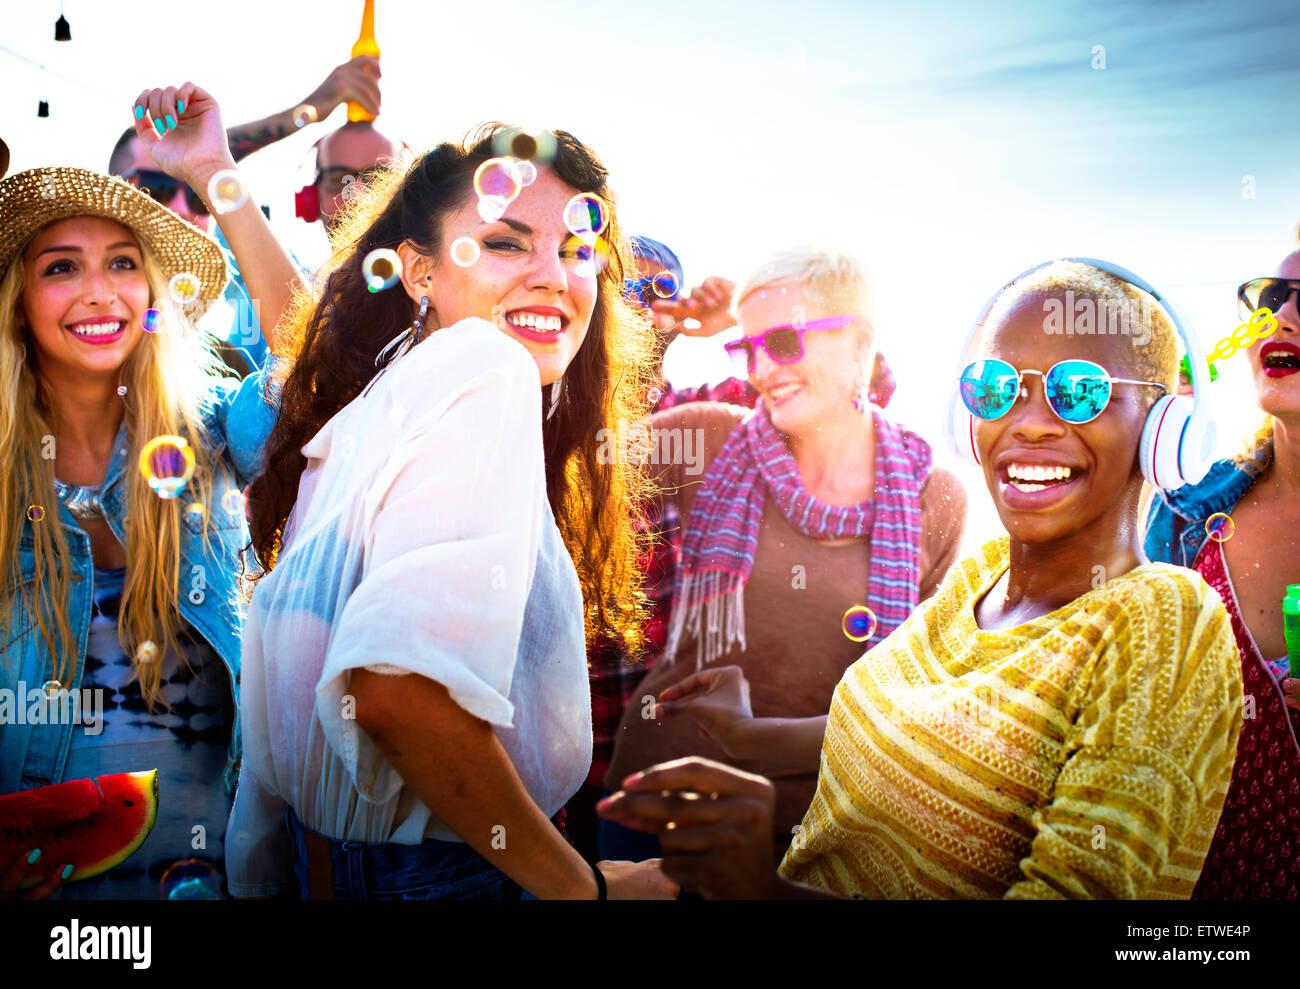 Vielfalt, die tanzen Strand Party Feier Konzept Stockbild